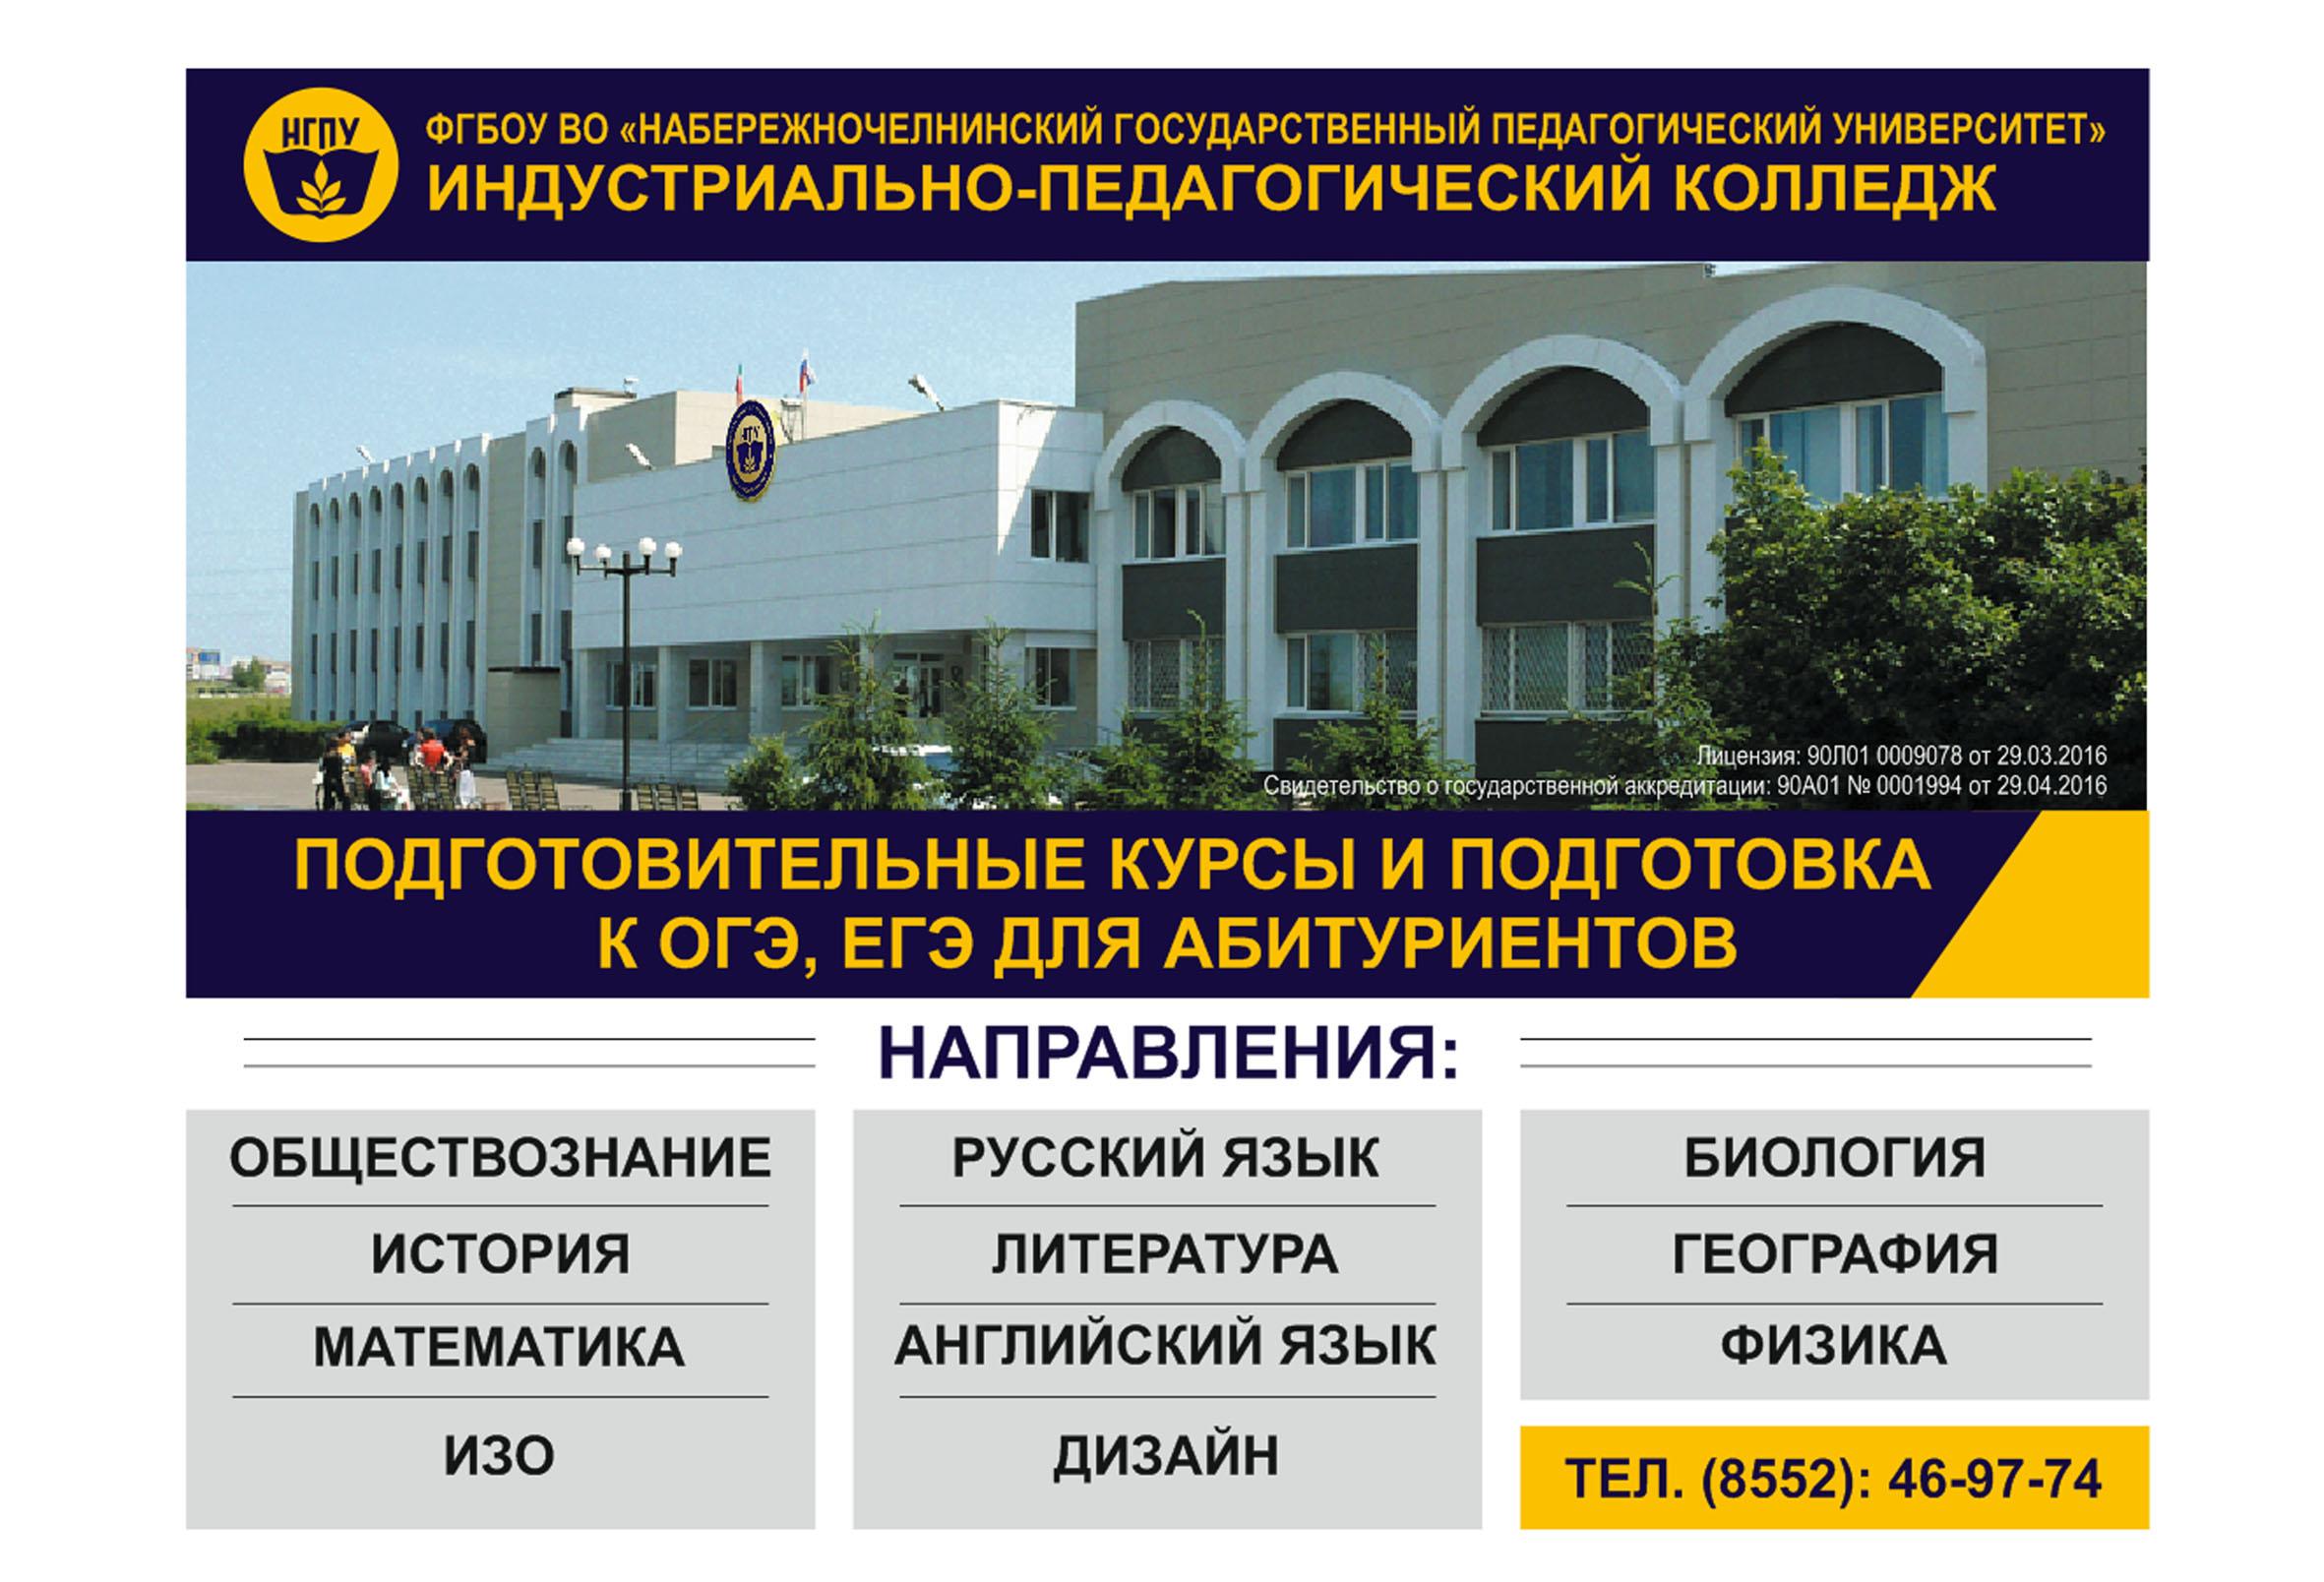 В Набережночелнинском государственном педагогическом университете стартовал набор на подготовительные курсы